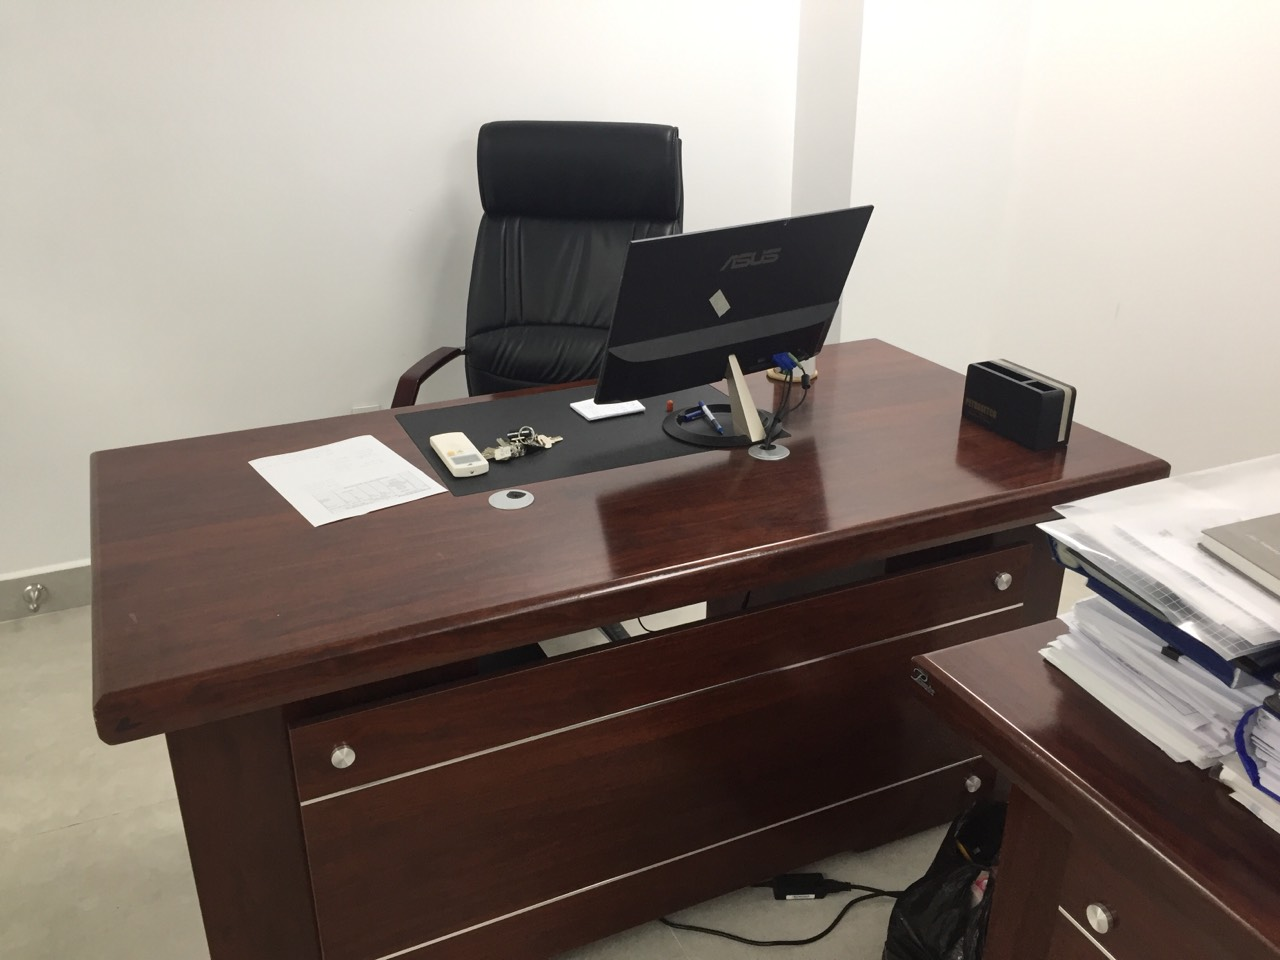 Cách chọn mua bàn ghế giám đốc thanh lý chất lượng và đảm bảo